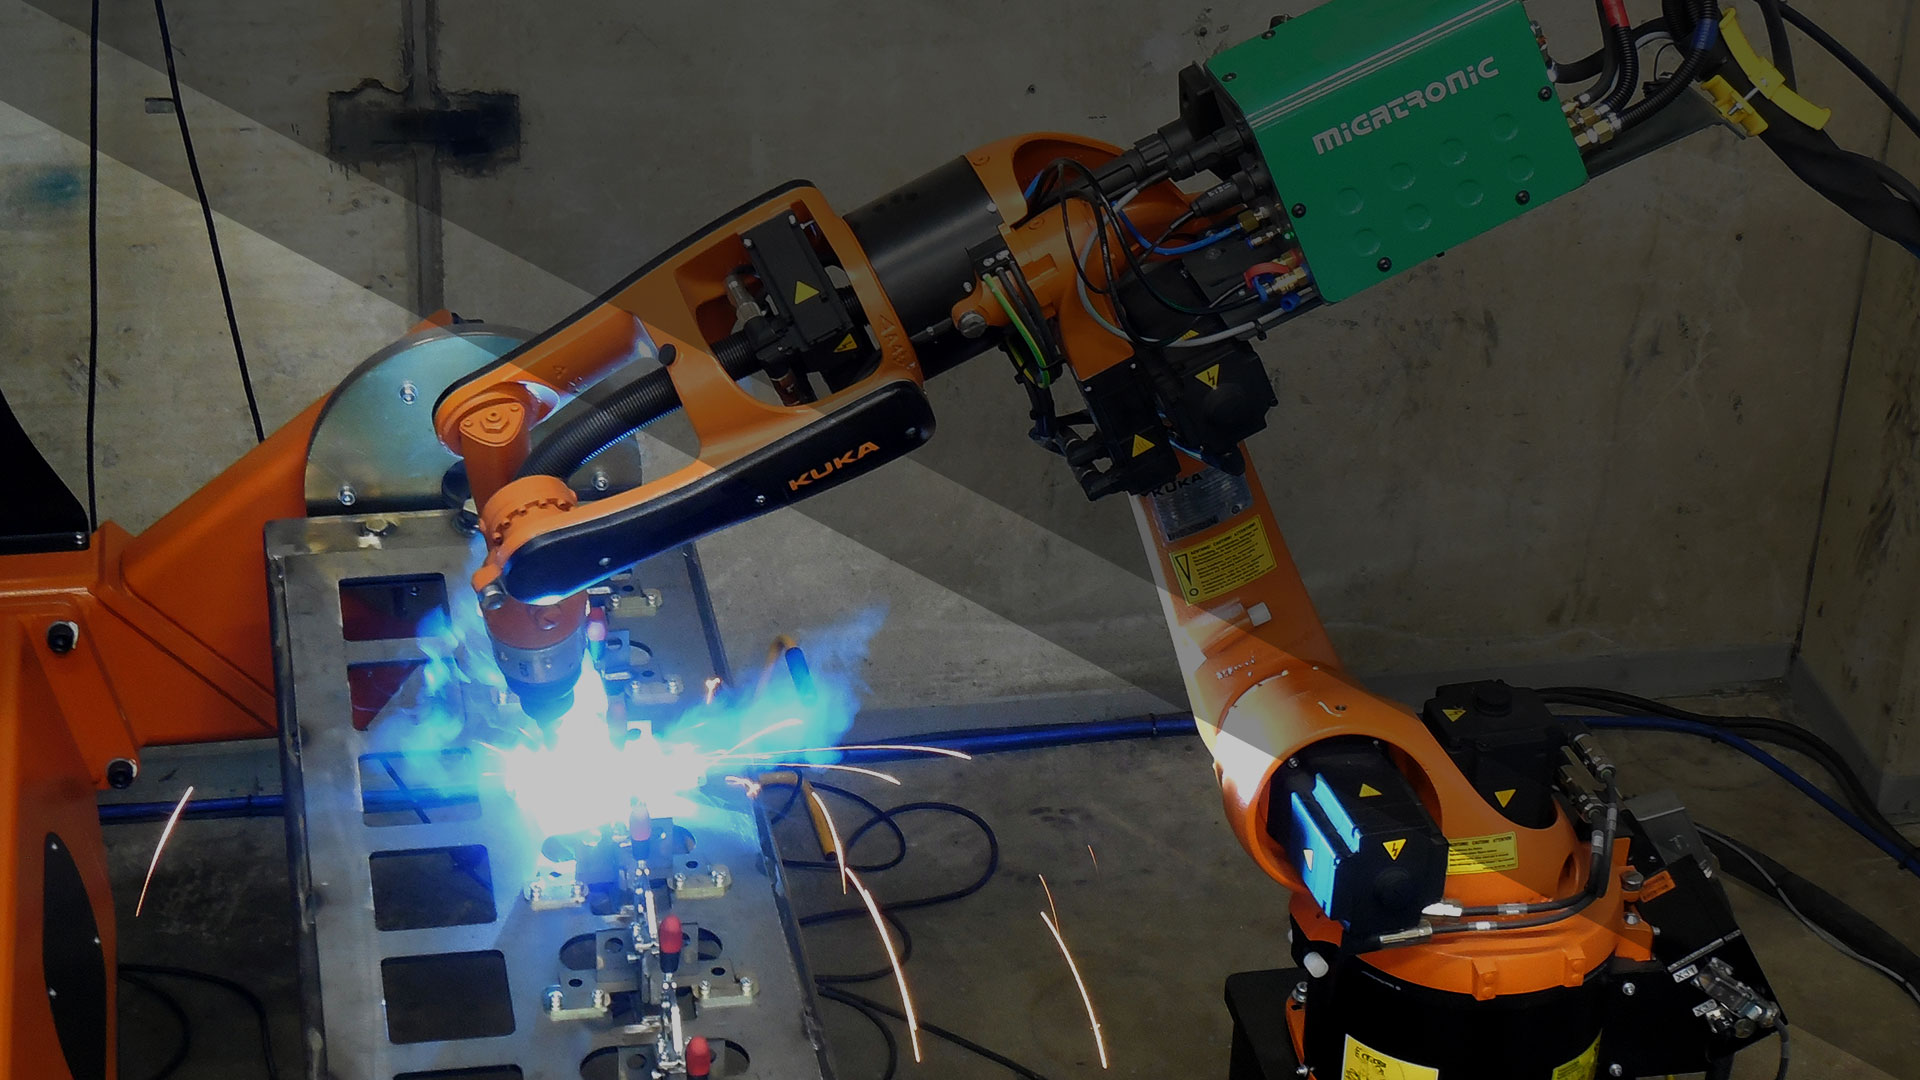 KUKA, Fanuc, OTC ja Nachi -robottiasemien siirrot sekä uudelleenasennukset ja käyttöönotot